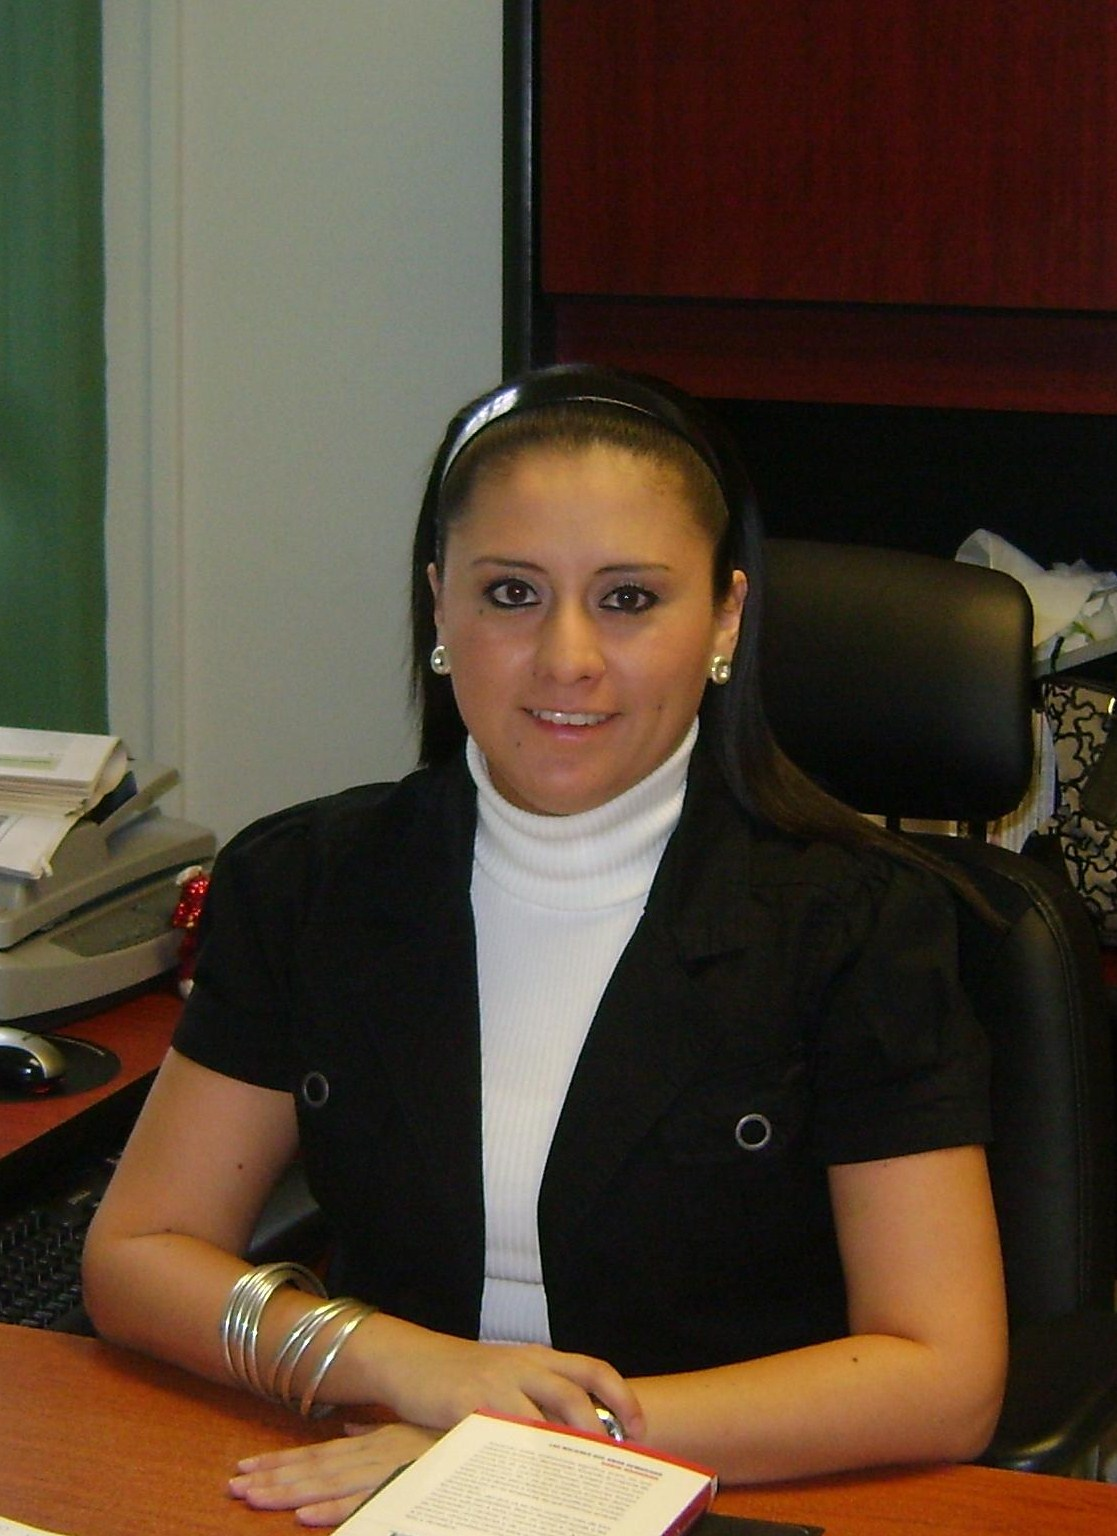 Mtra. Carmen Silvia Peña Vargas